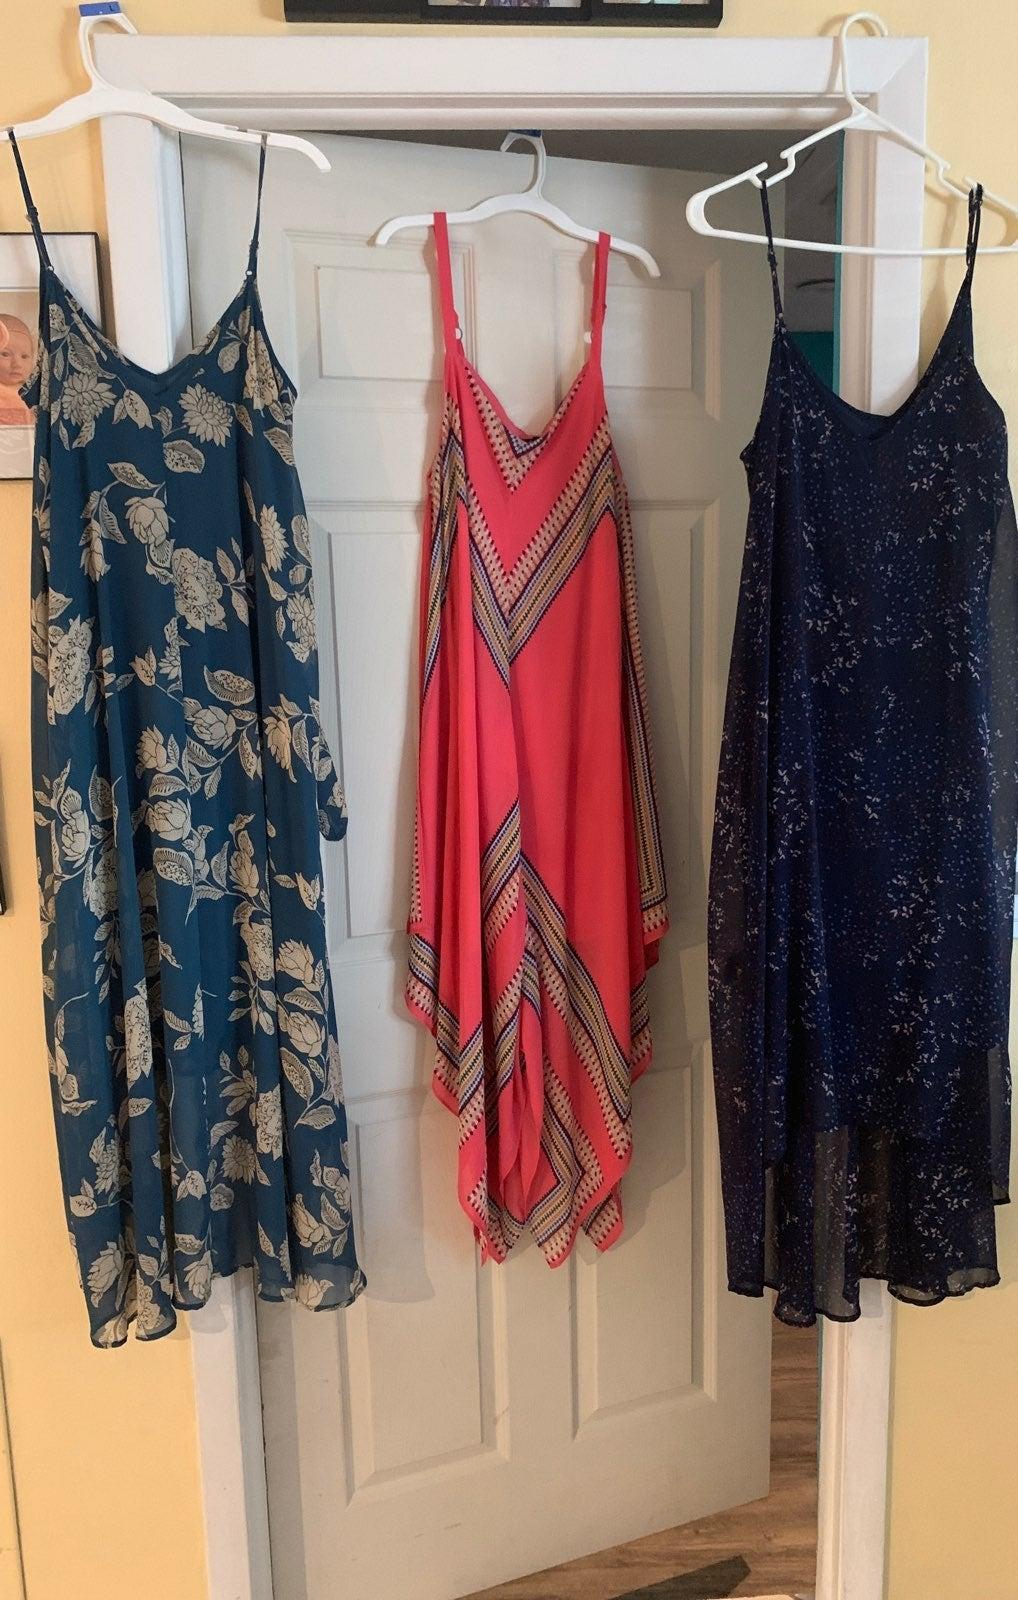 A.N.A dresses